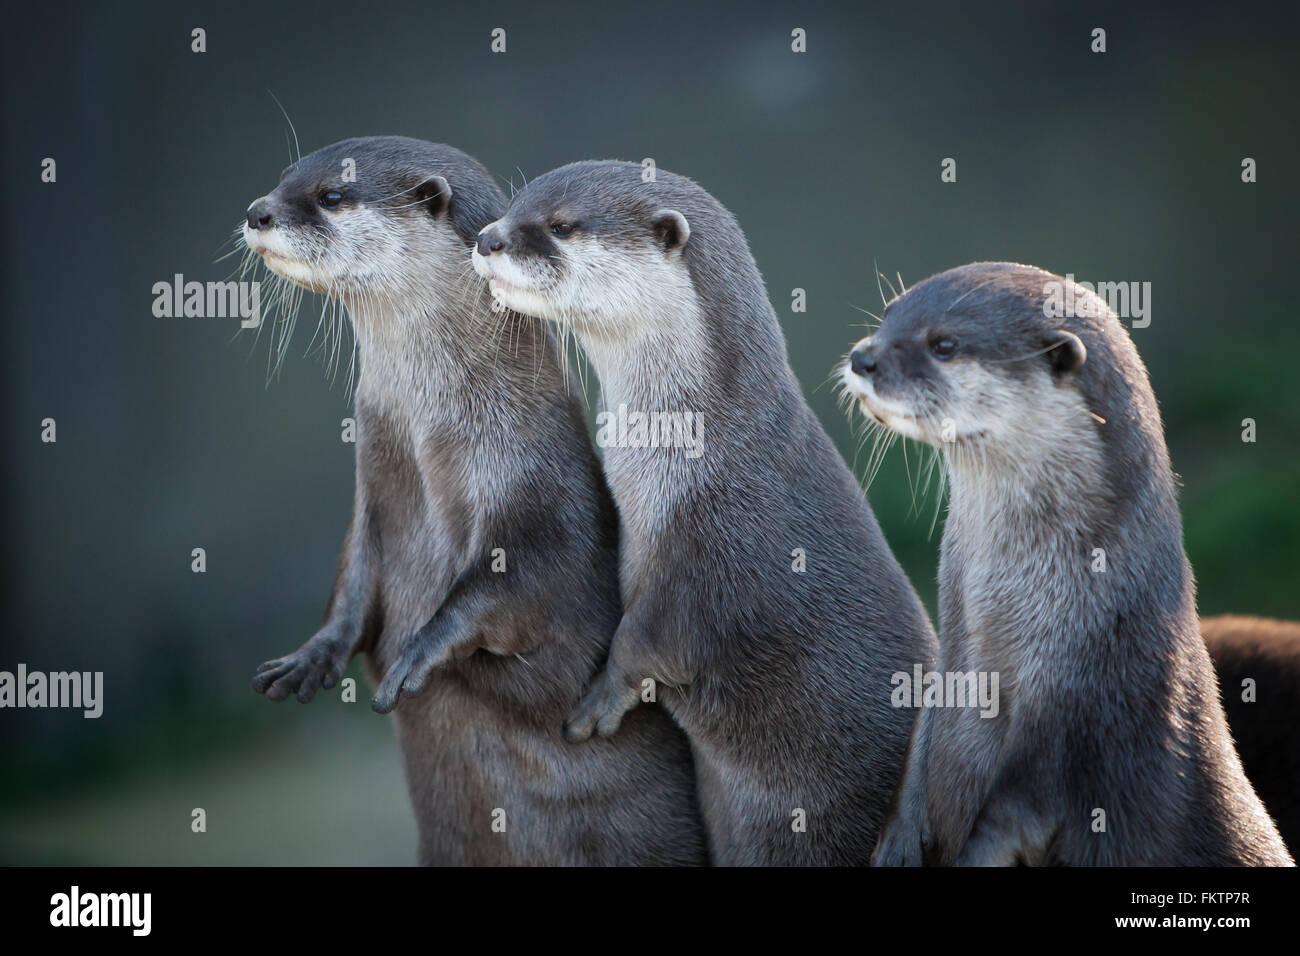 Trois petites asiatiques en captivité à loutres dans la distance. Photo Stock